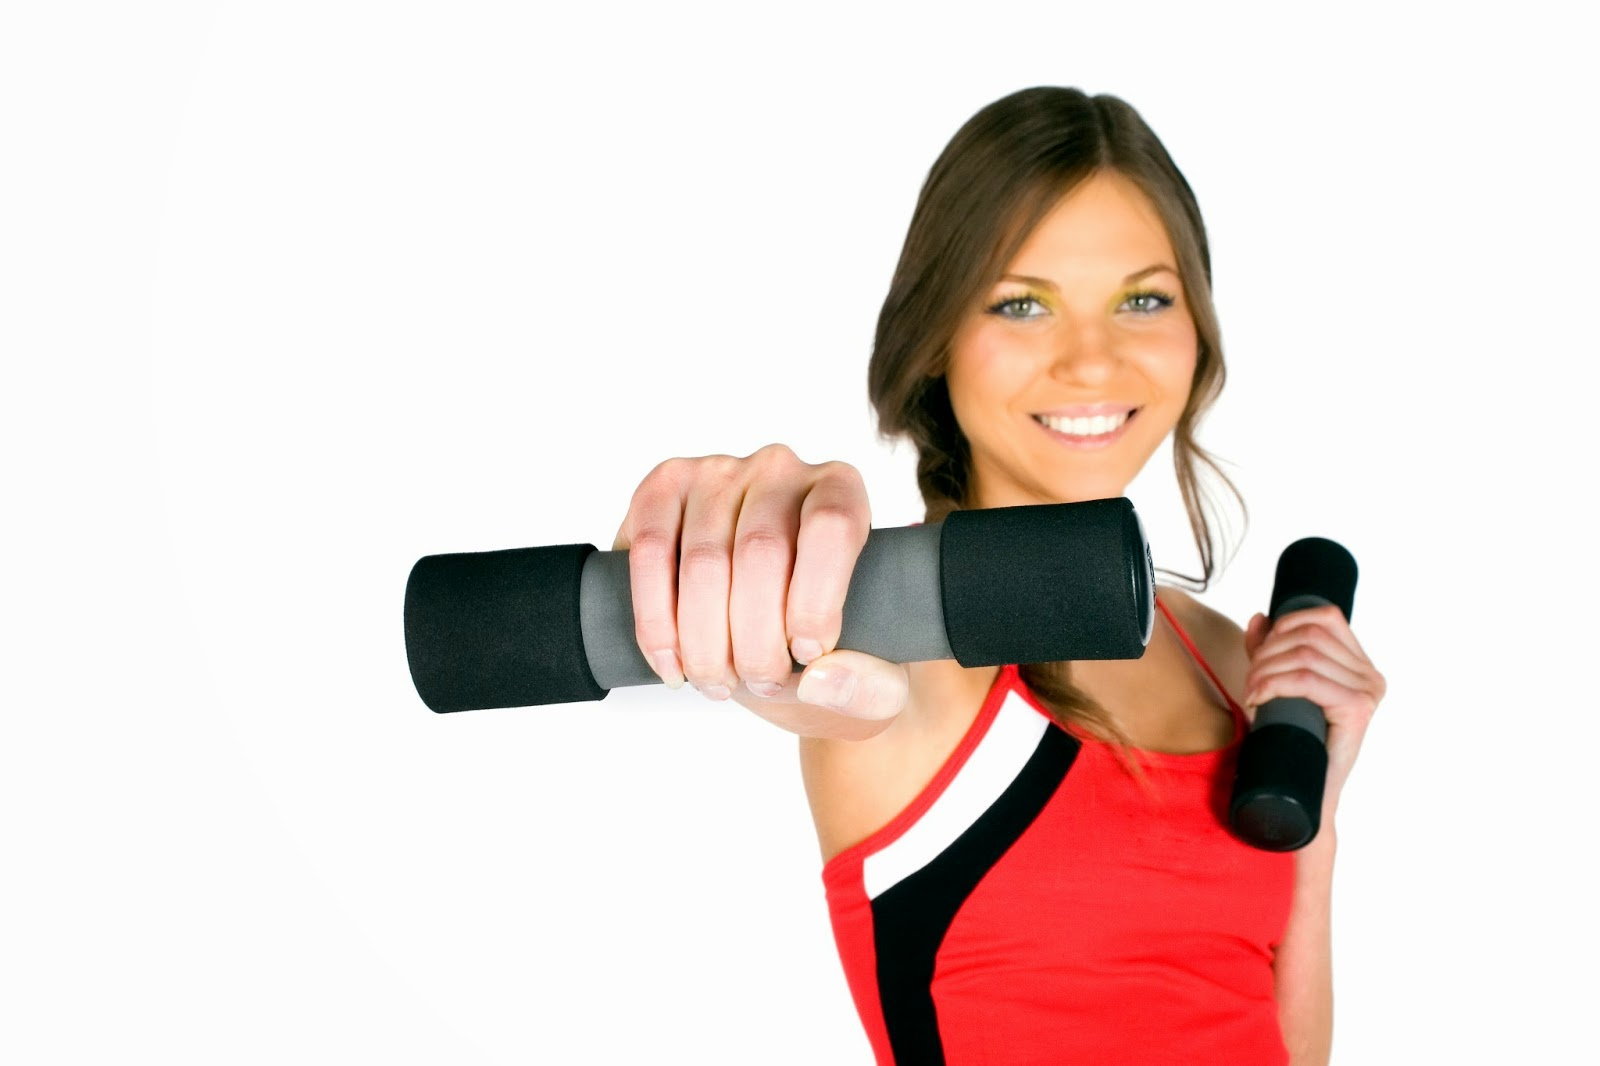 68c565750611 Beneficios de hacer ejercicio físico | Consejos de belleza